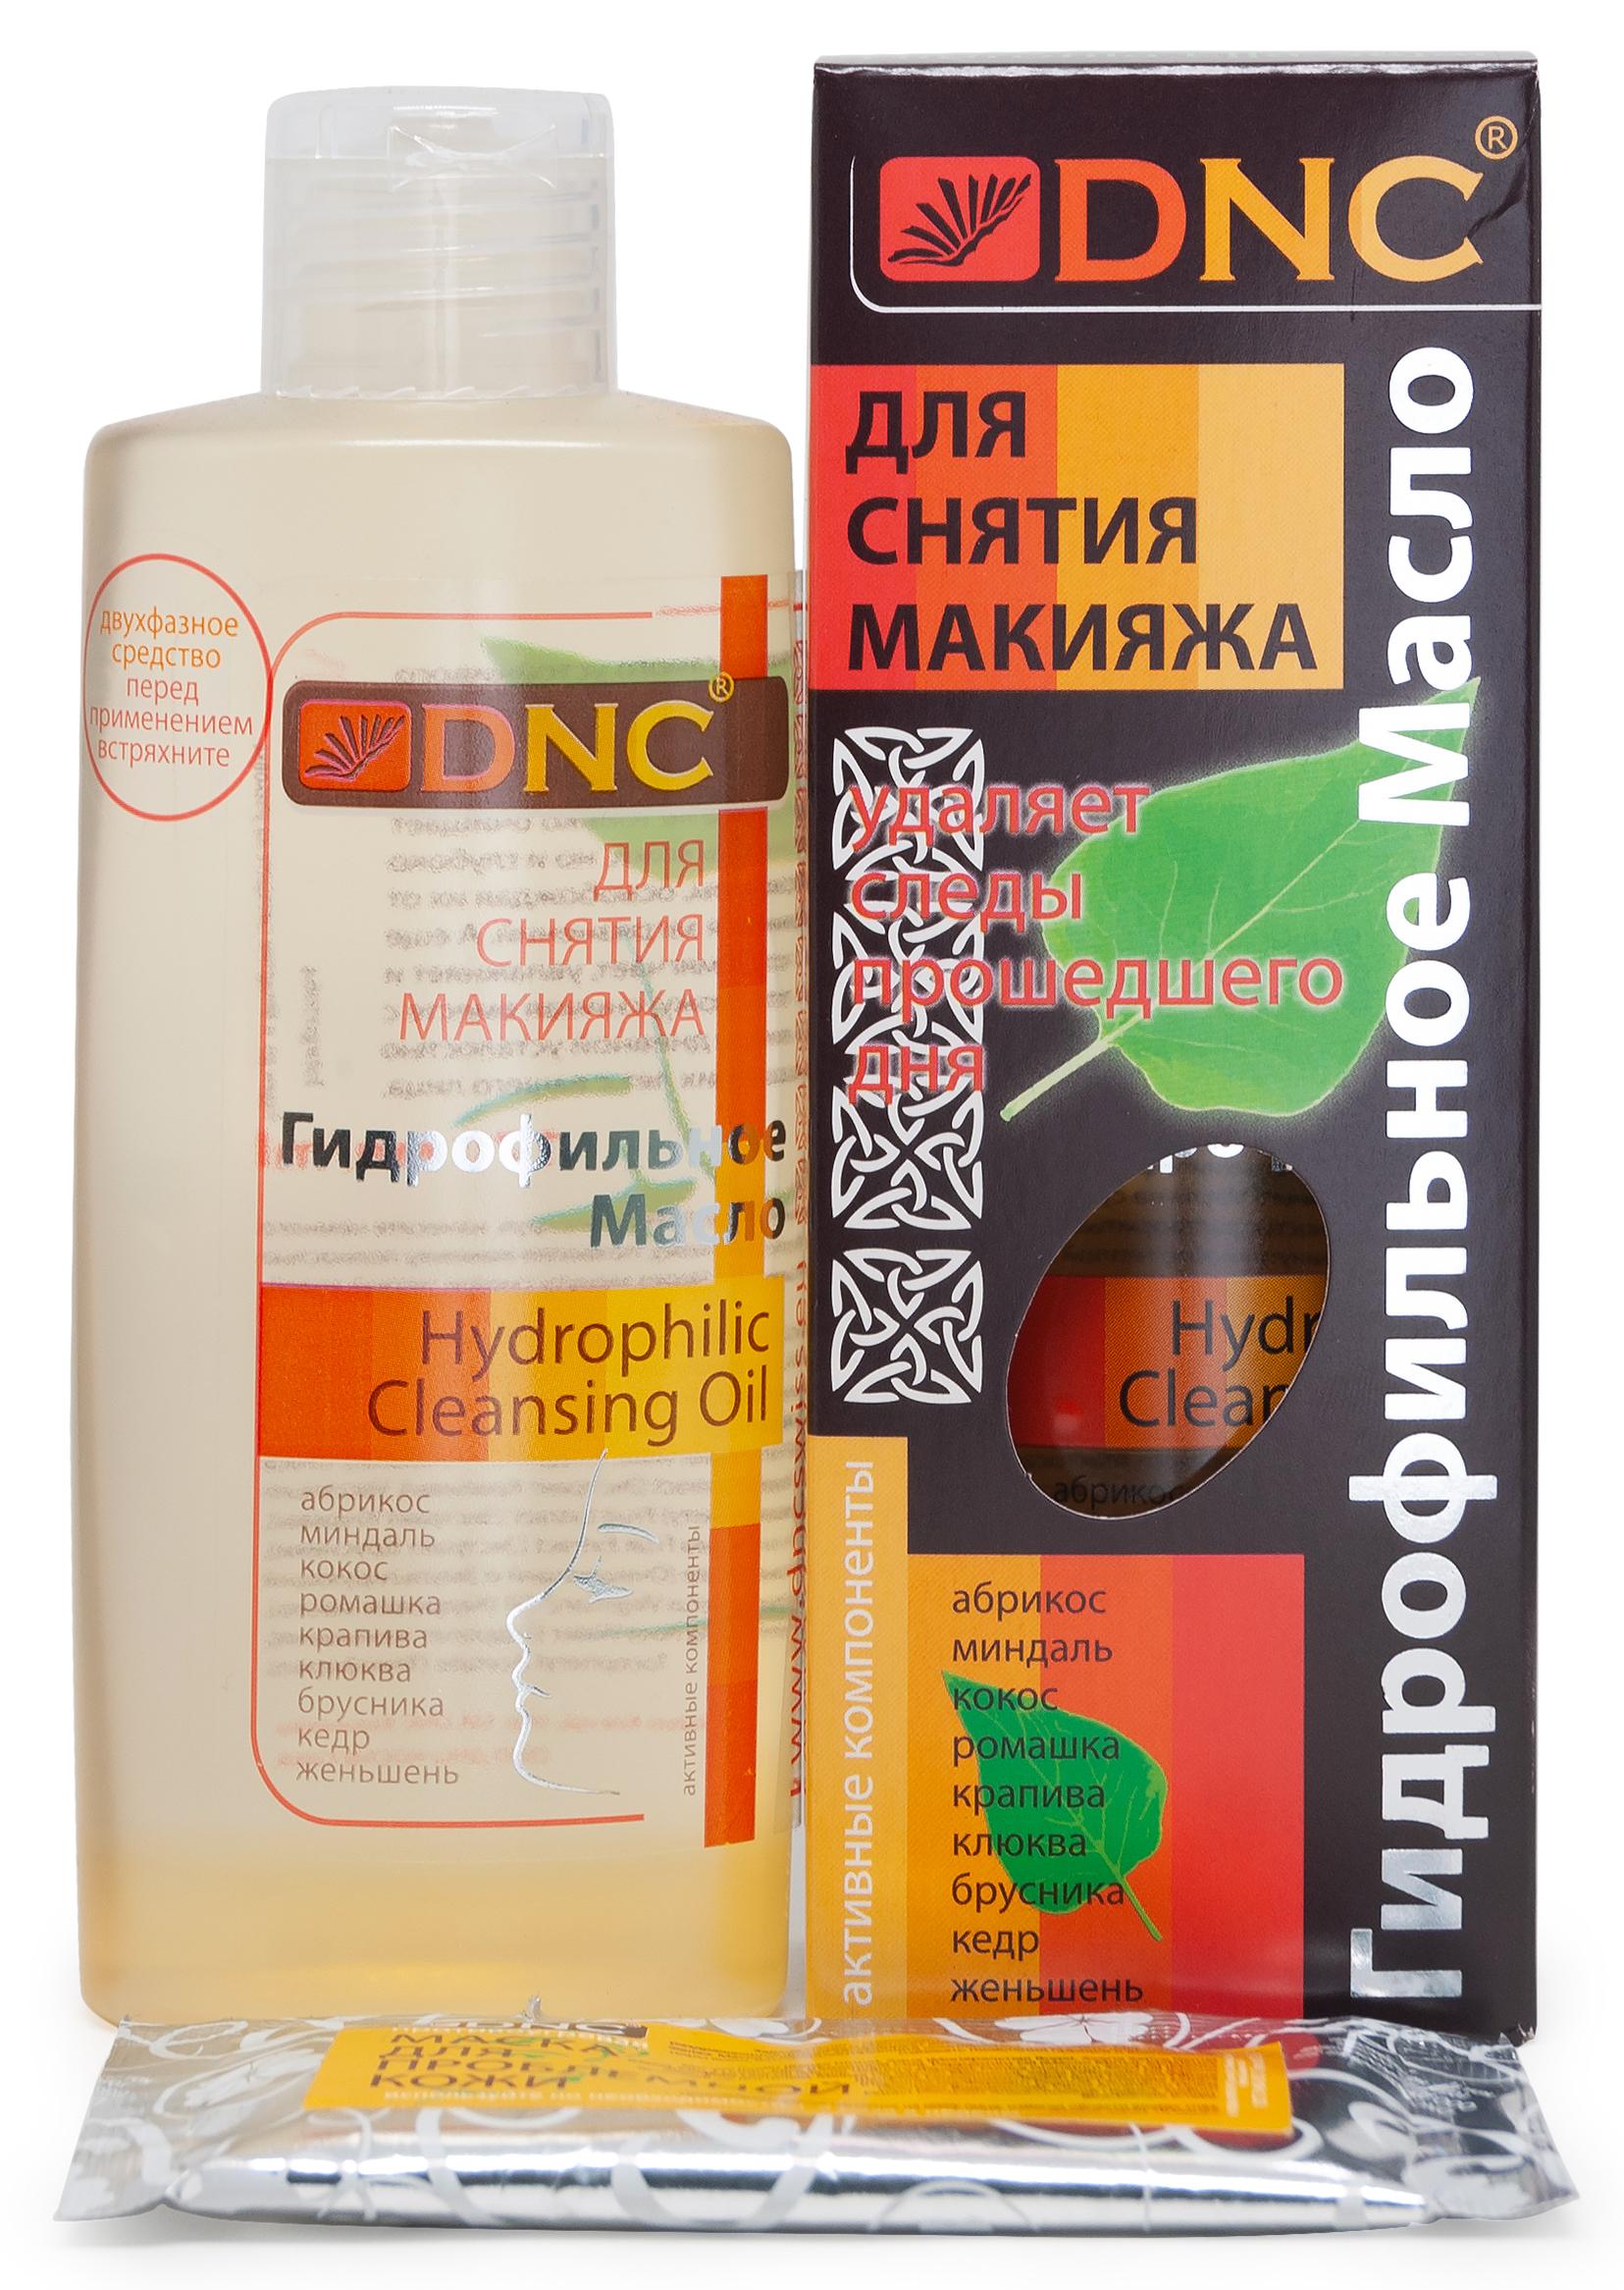 Набор:  DNC Гидрофильное масло 170 мл и Подарок Маска для лица 15 мл DNC